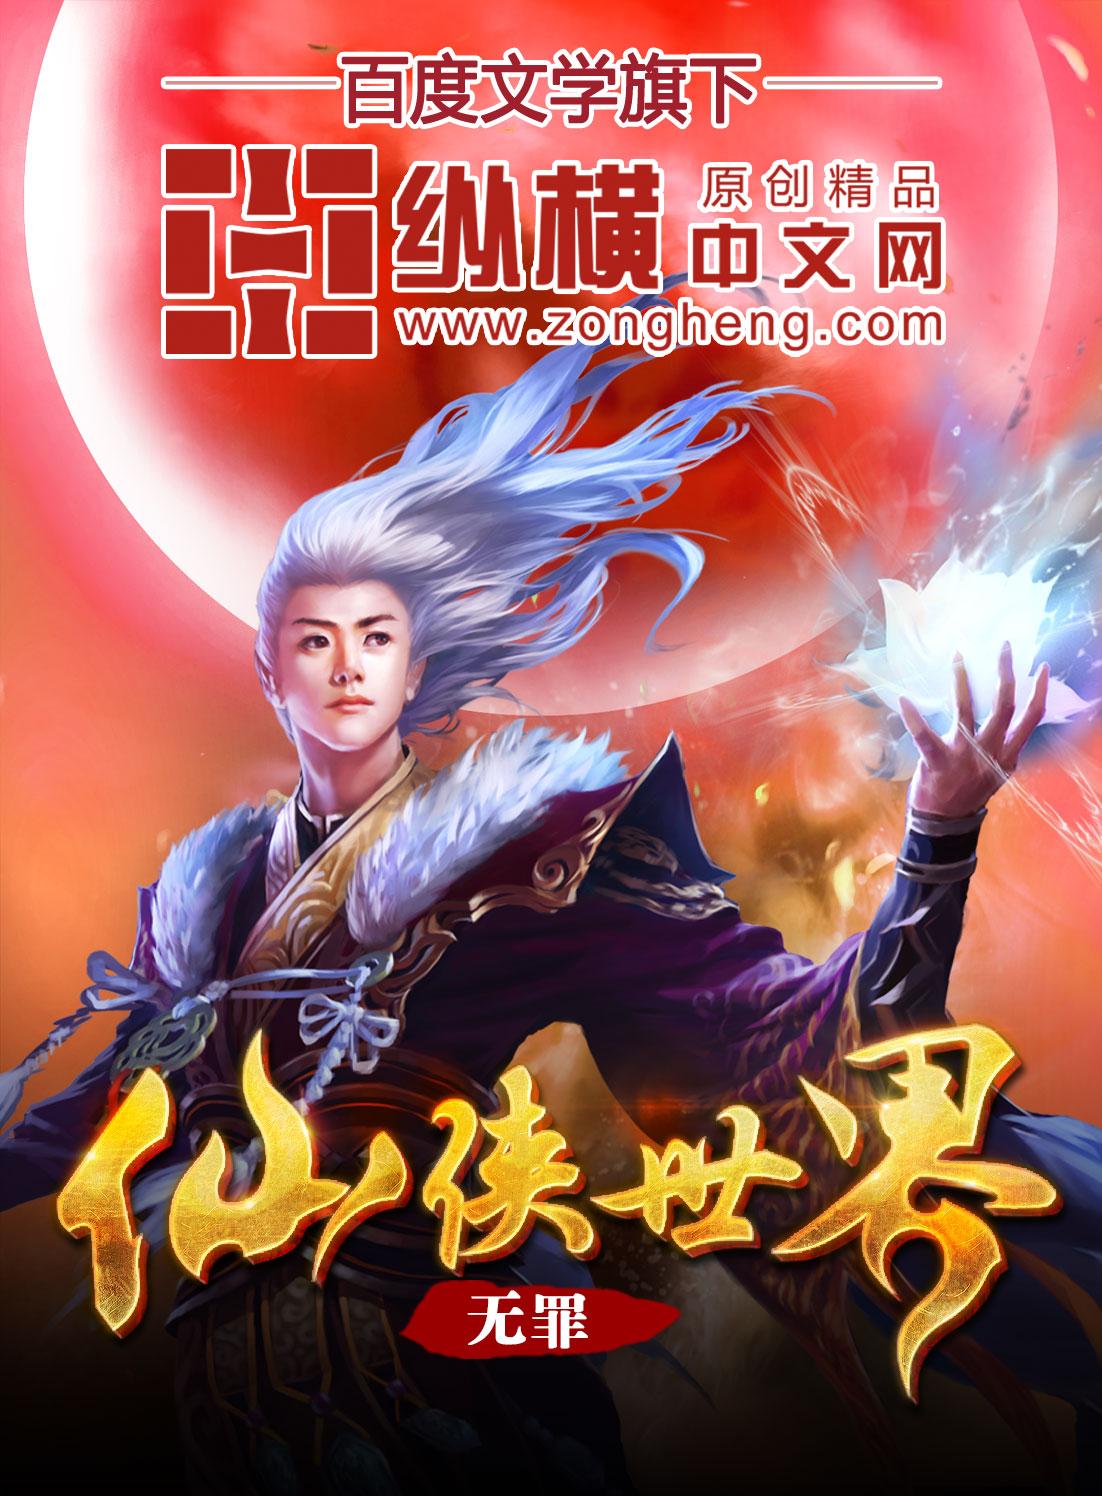 World of Xianxia